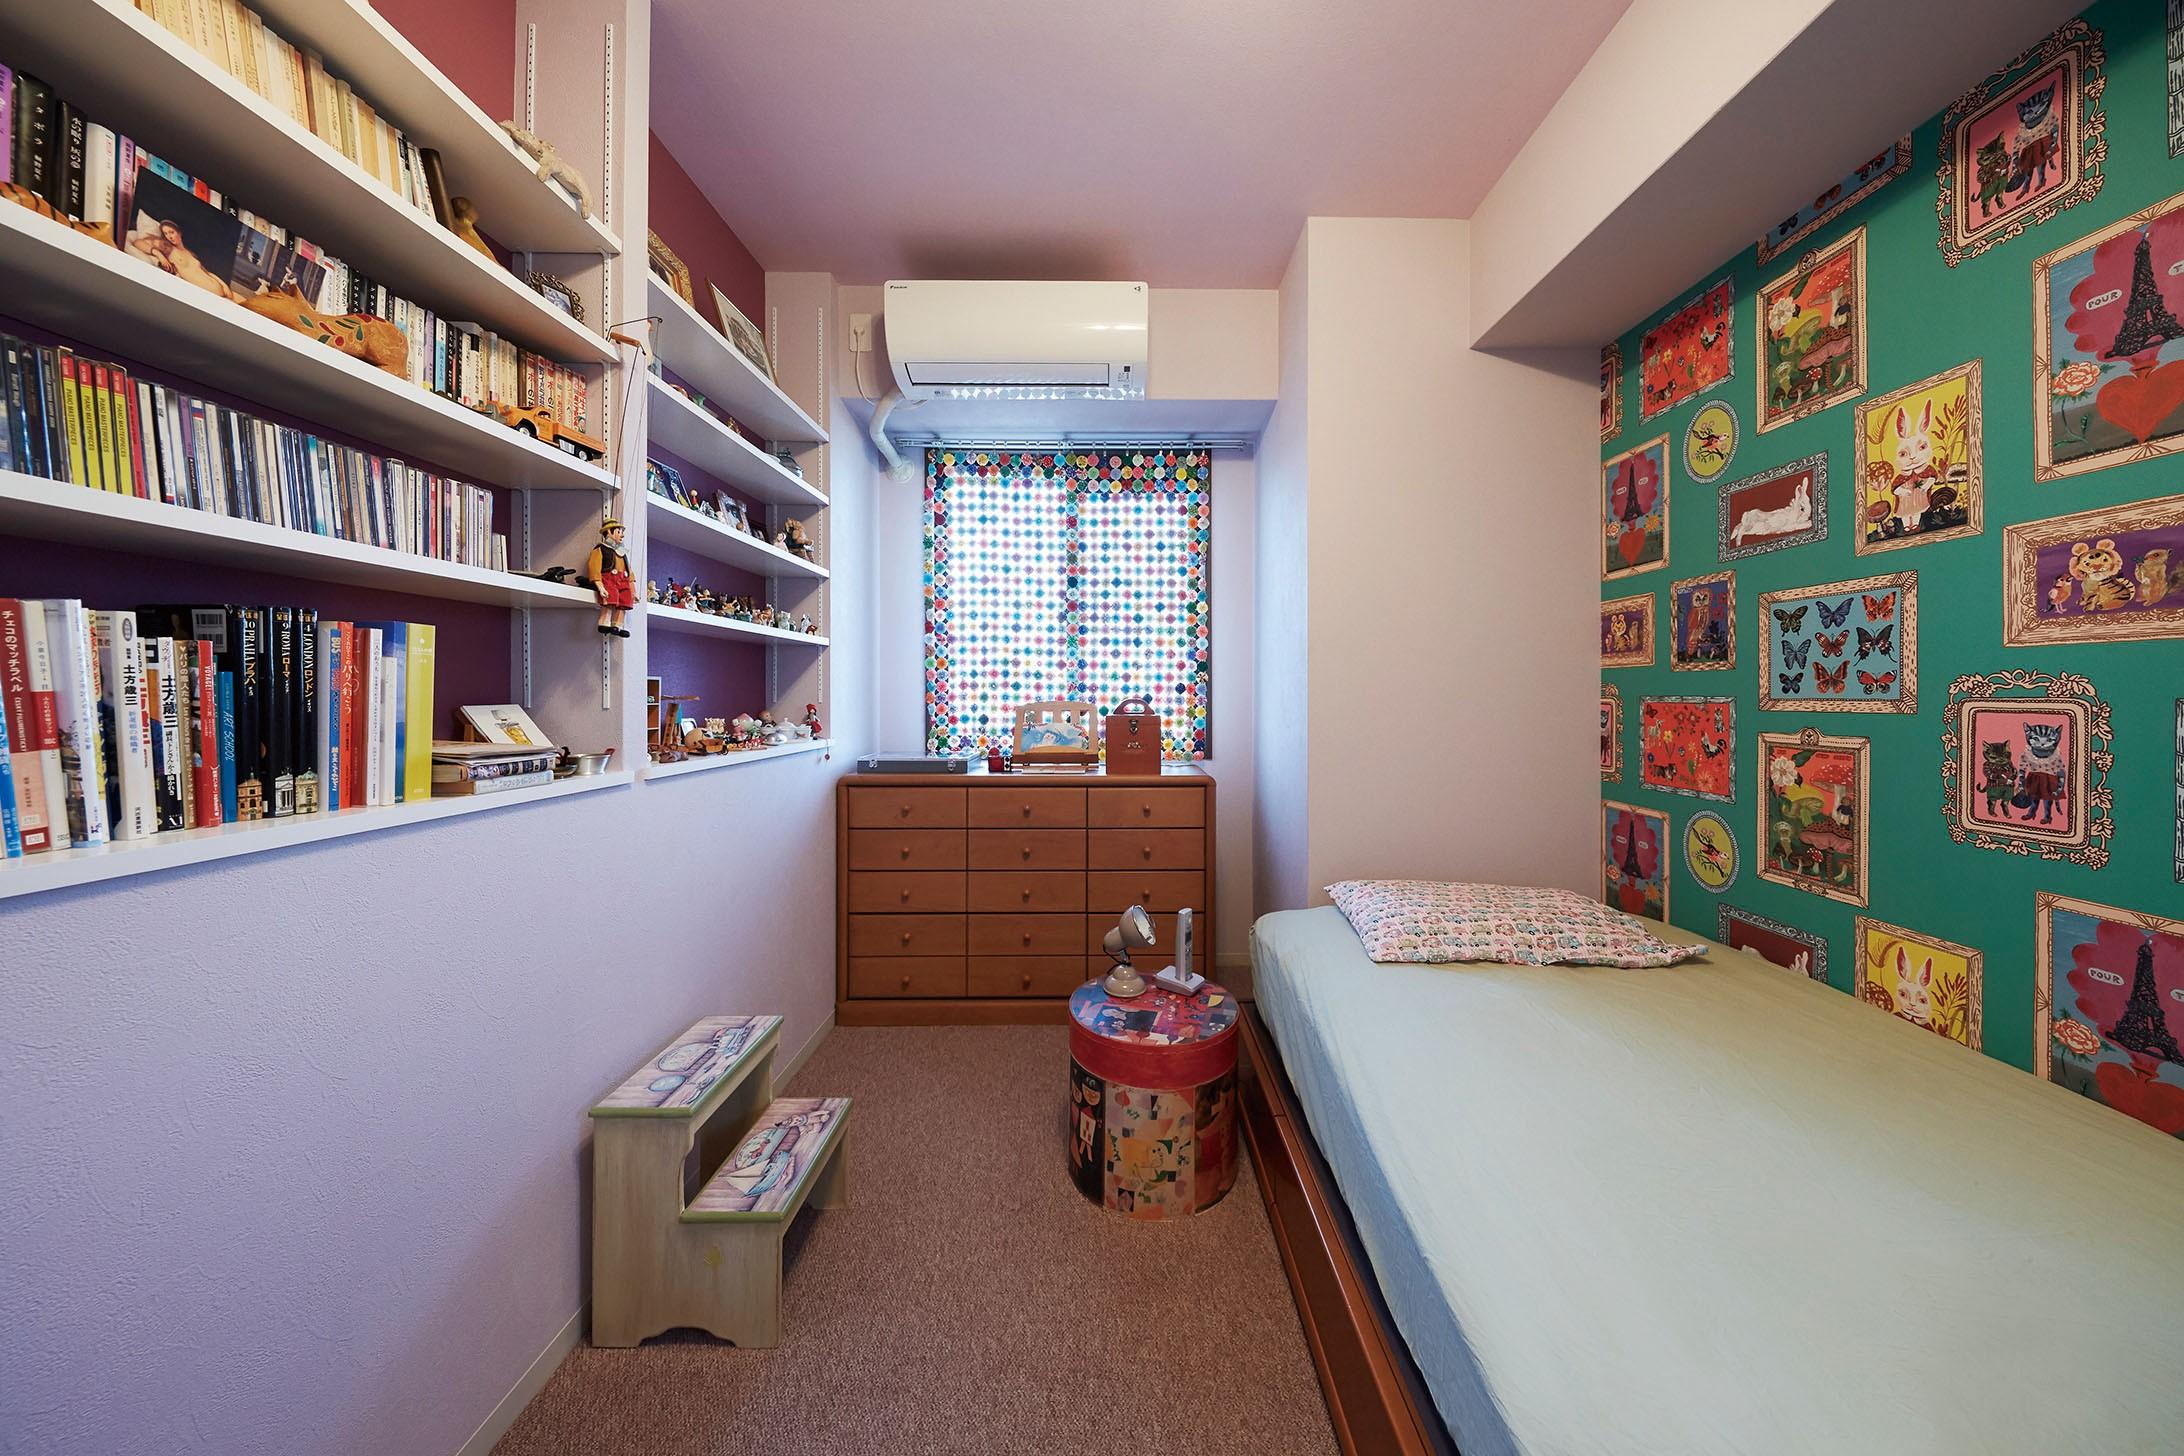 """ベッドルーム事例:アクセントの壁紙で印象的な寝室に(造作棚でコレクションを効率良く収納。""""見せる収納""""が主役のお家)"""